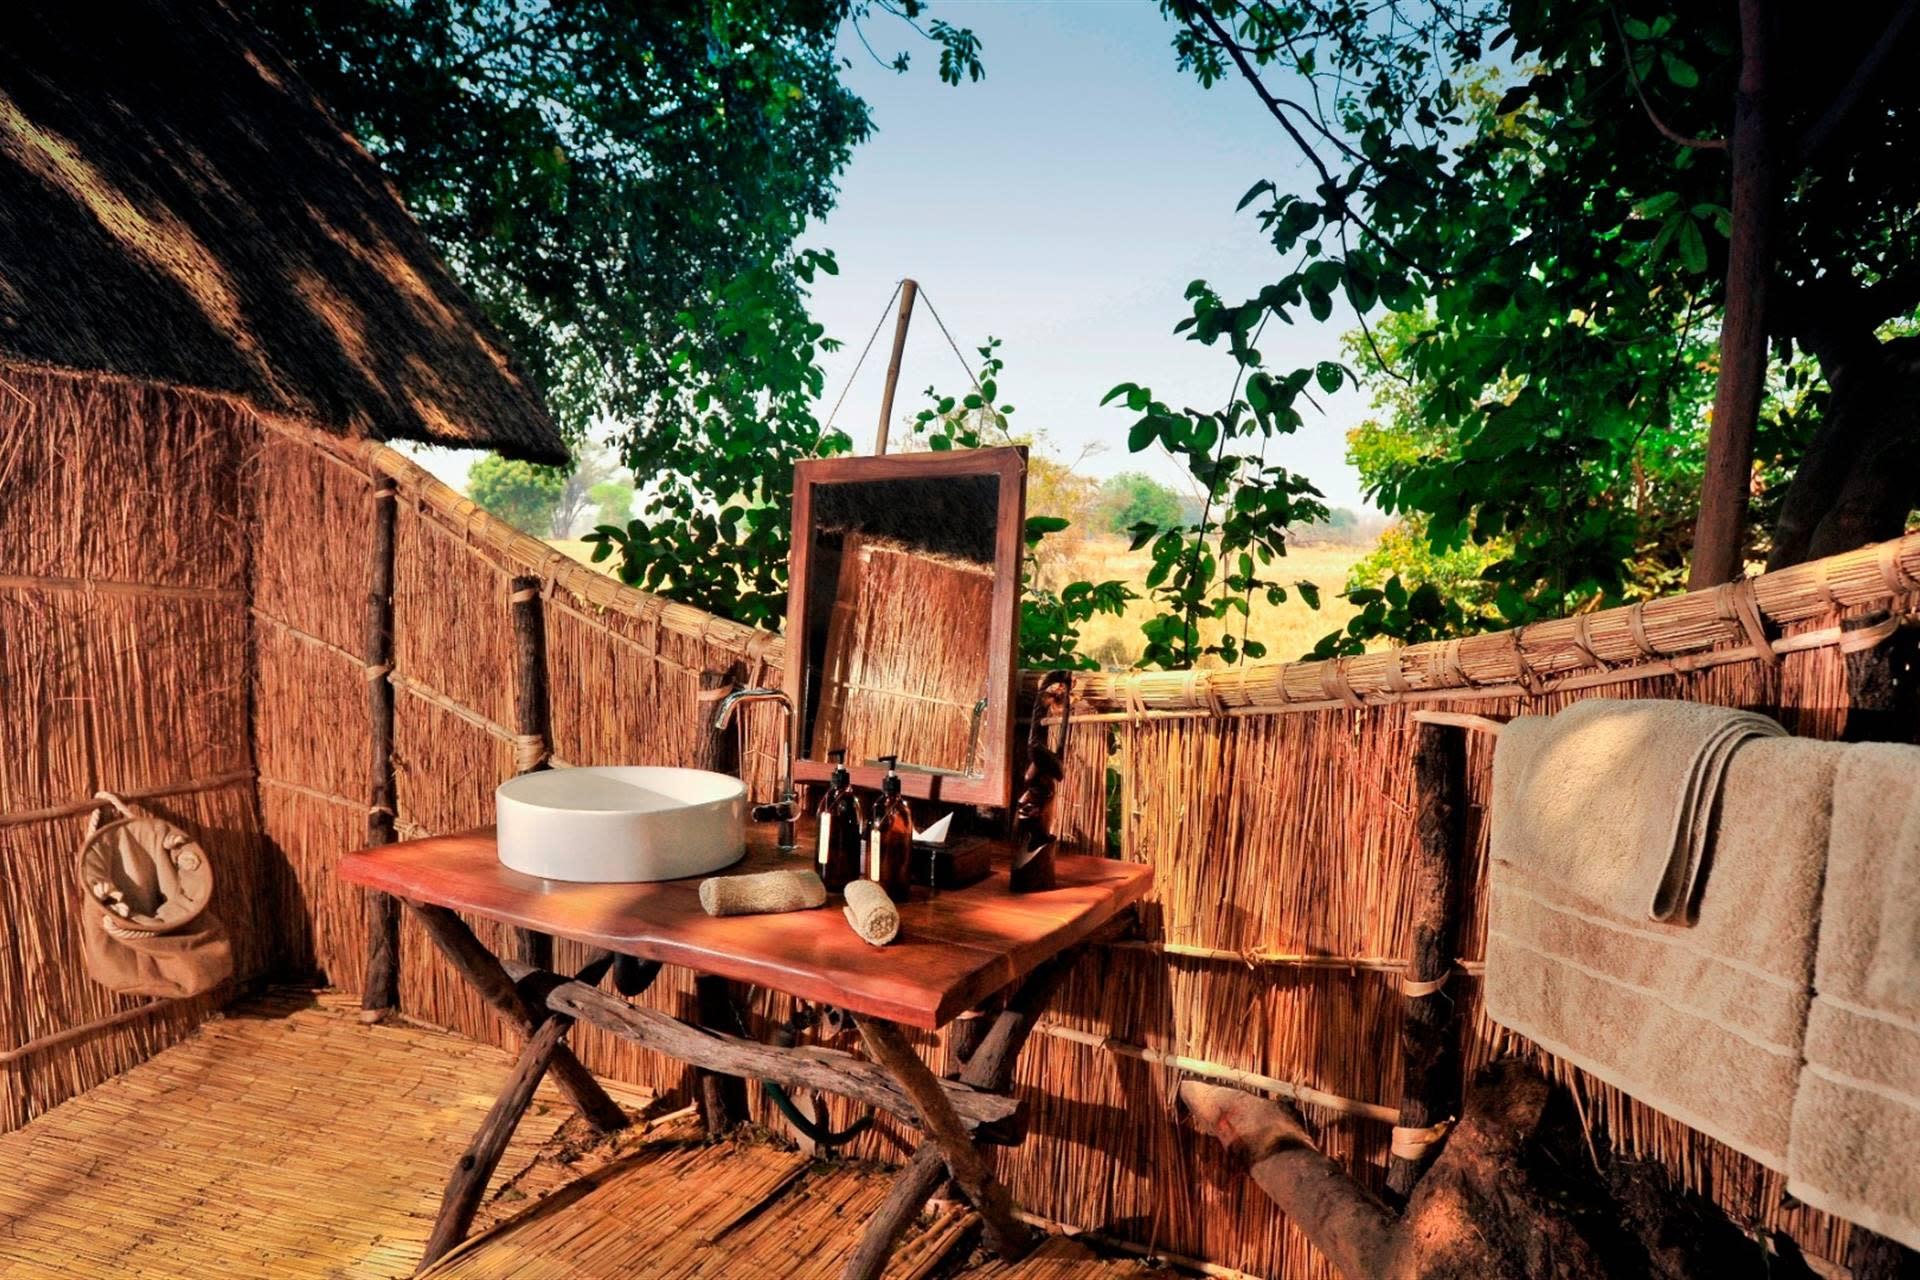 Badezimmer im Busch - Luwi Bush Camp - Südluangwa, Sambia